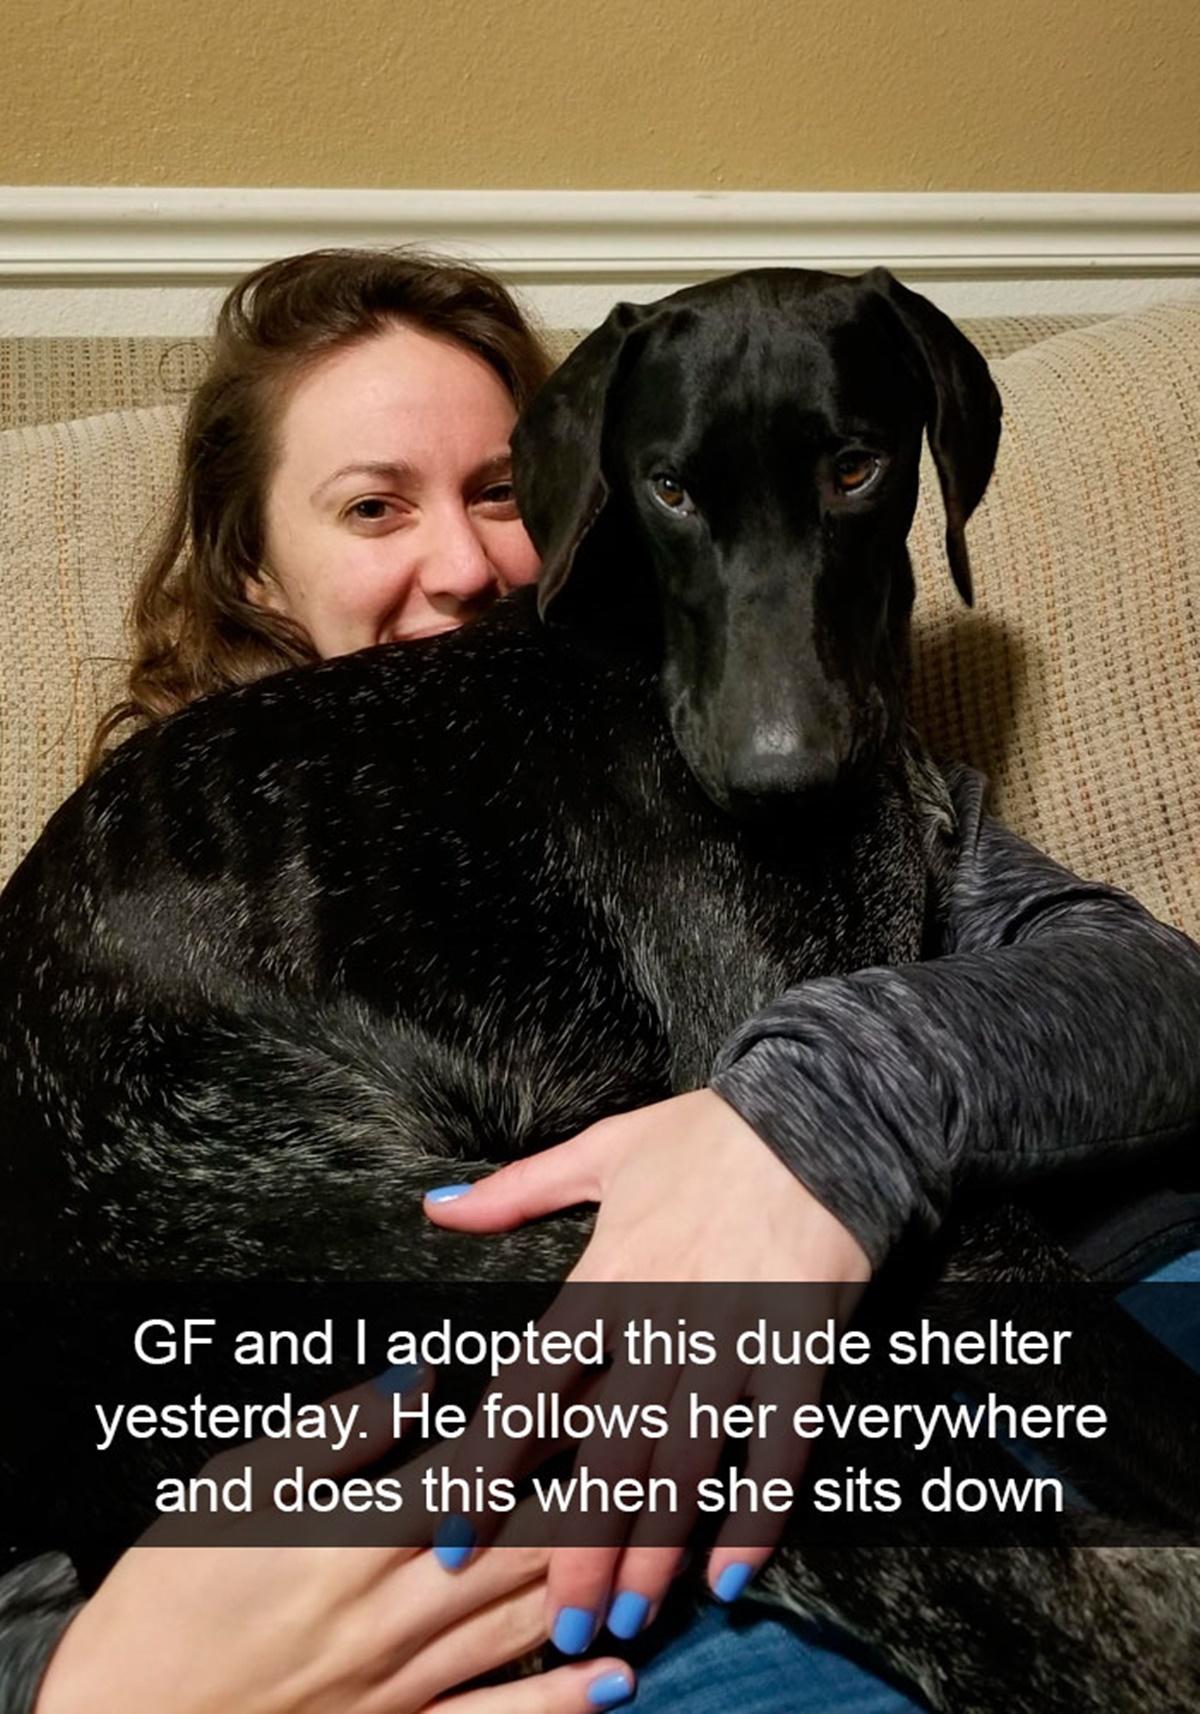 cane appena adottato